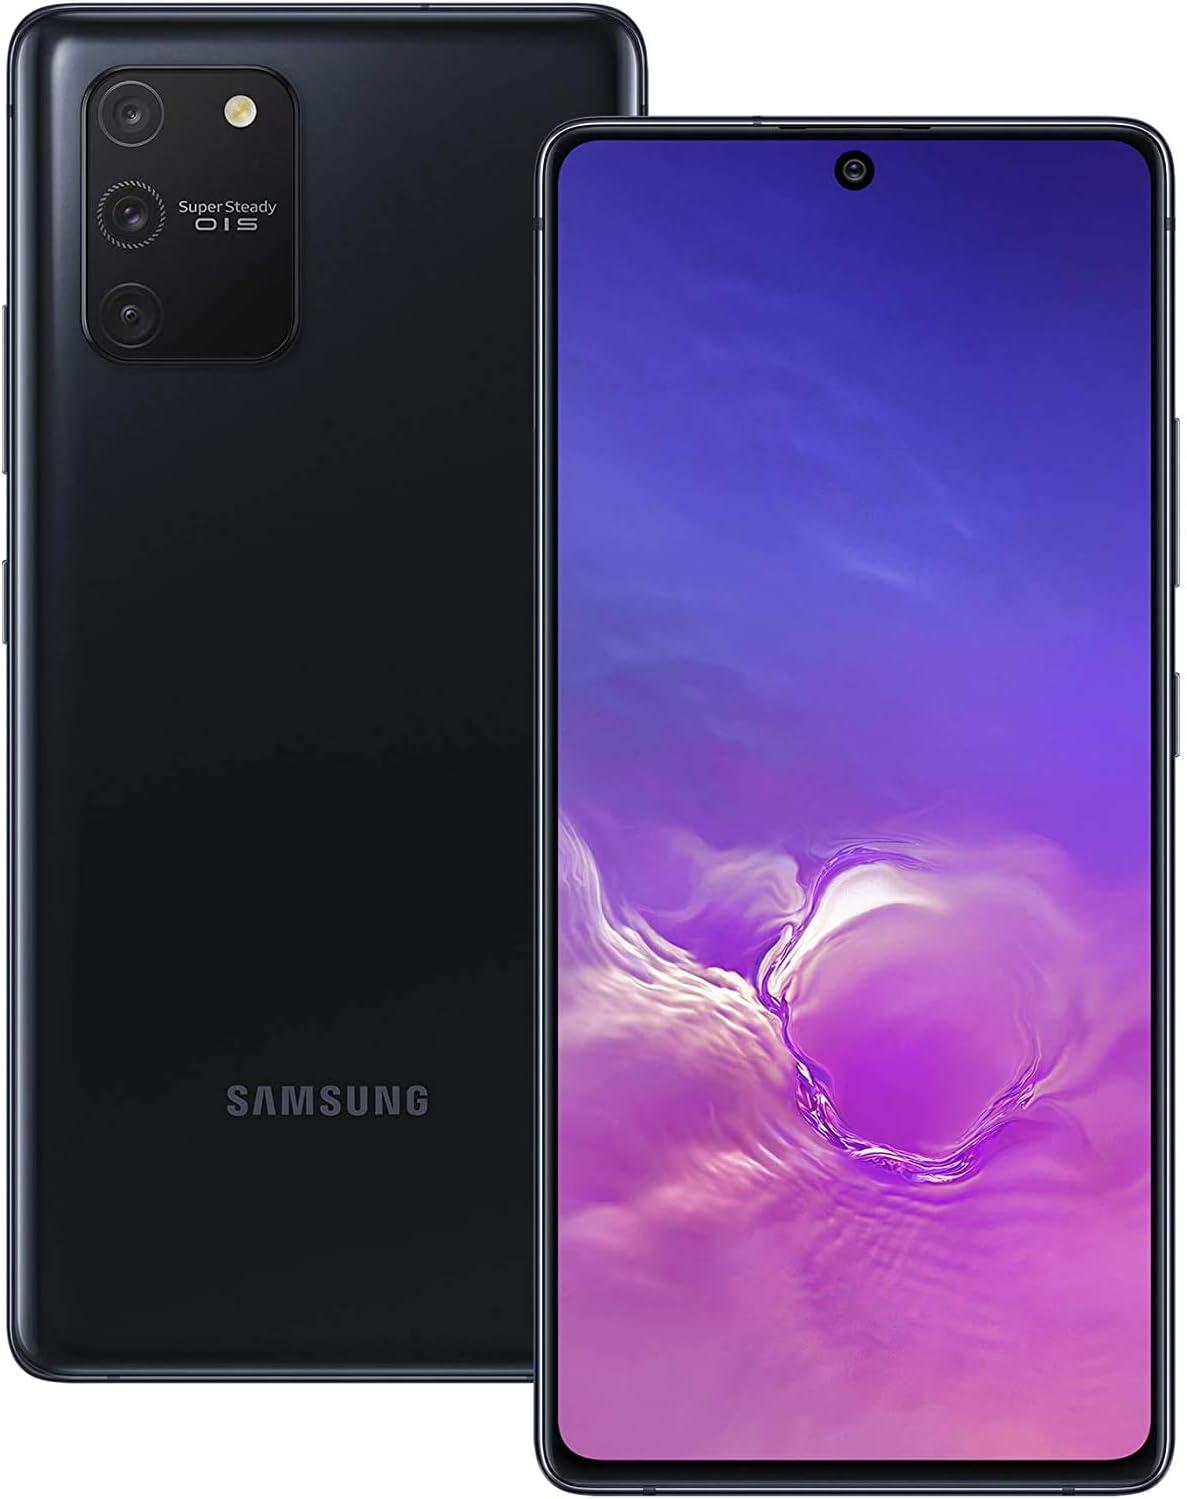 Samsung Galaxy S10 Lite - Smartphone 8GB, 128GB, Prism Black: Amazon.es: Electrónica